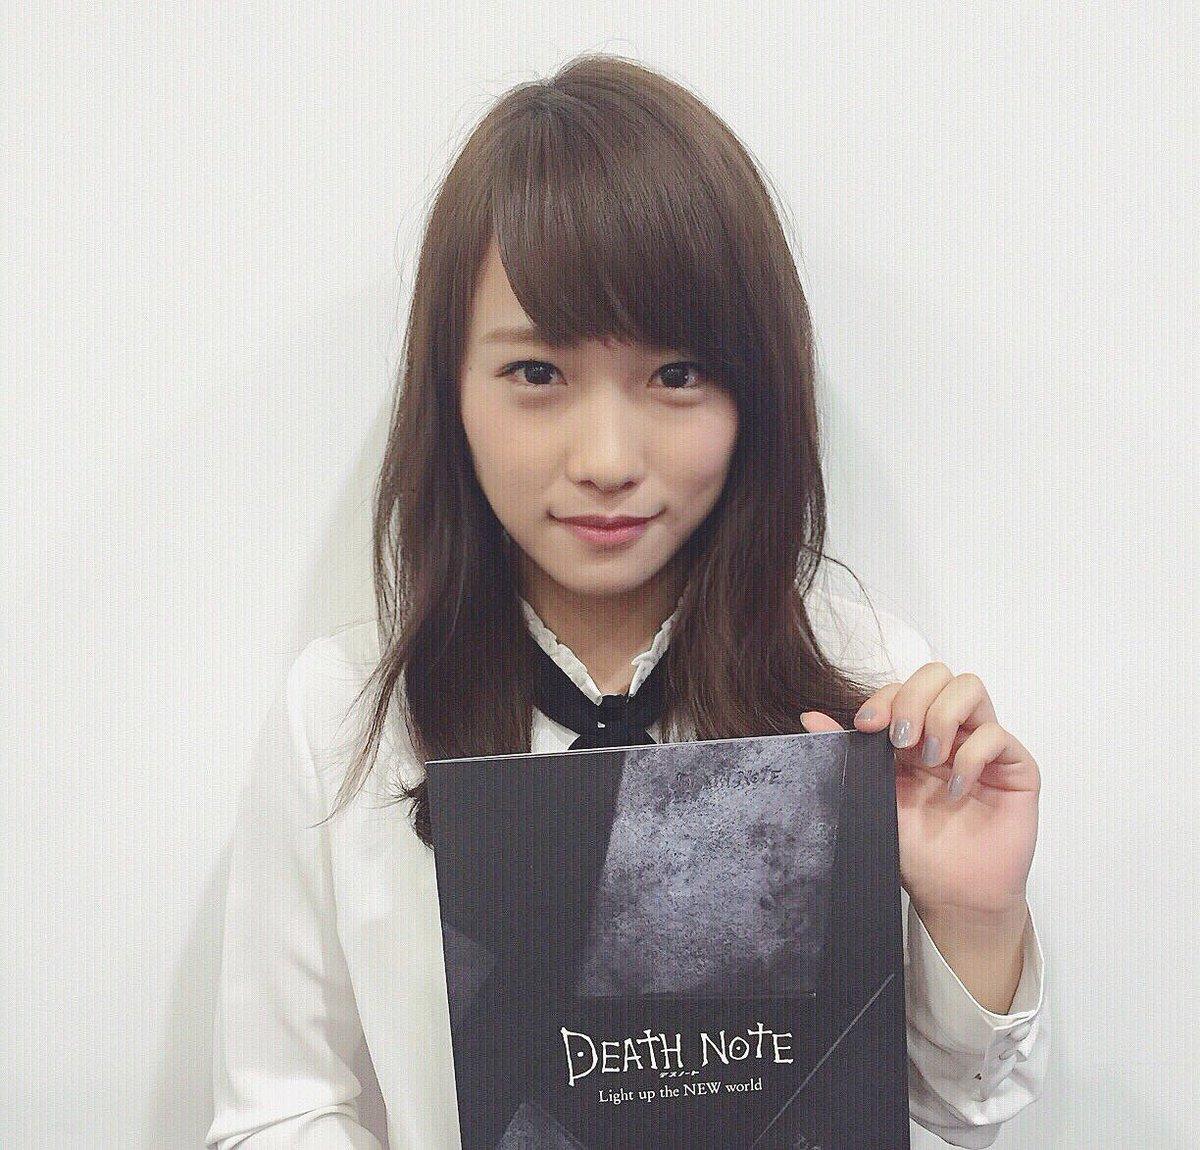 DEATH NOTEに出演した川栄李奈